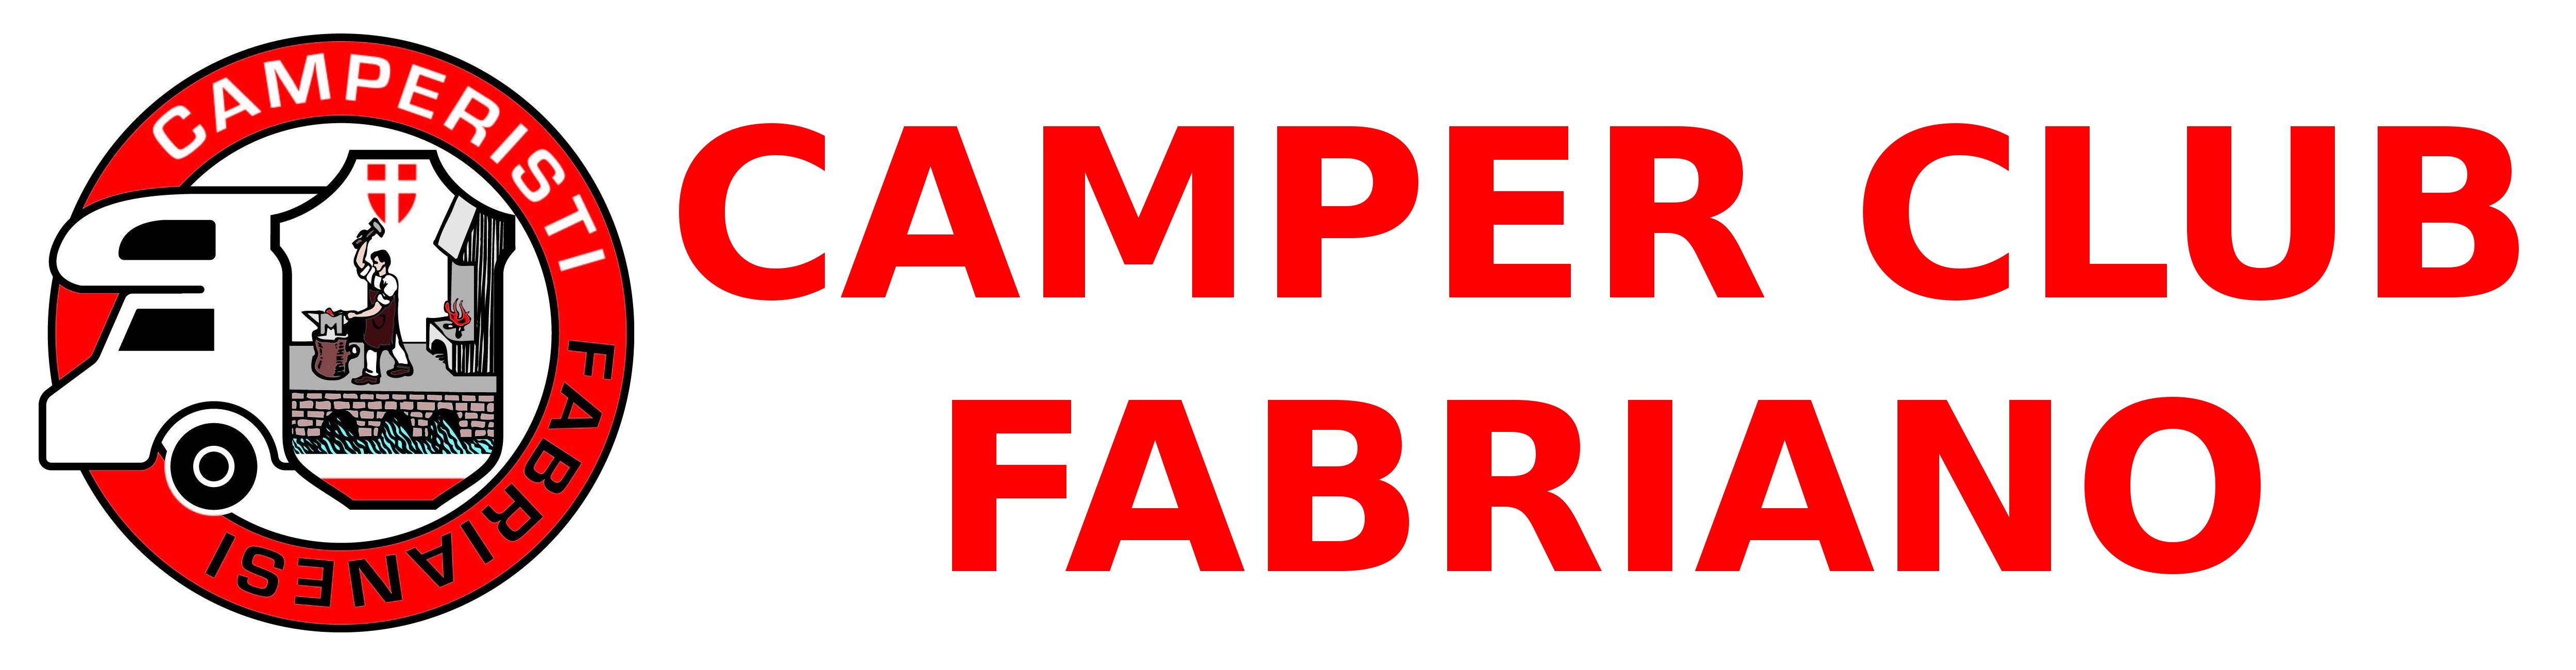 CAMPERCLUB FABRIANO